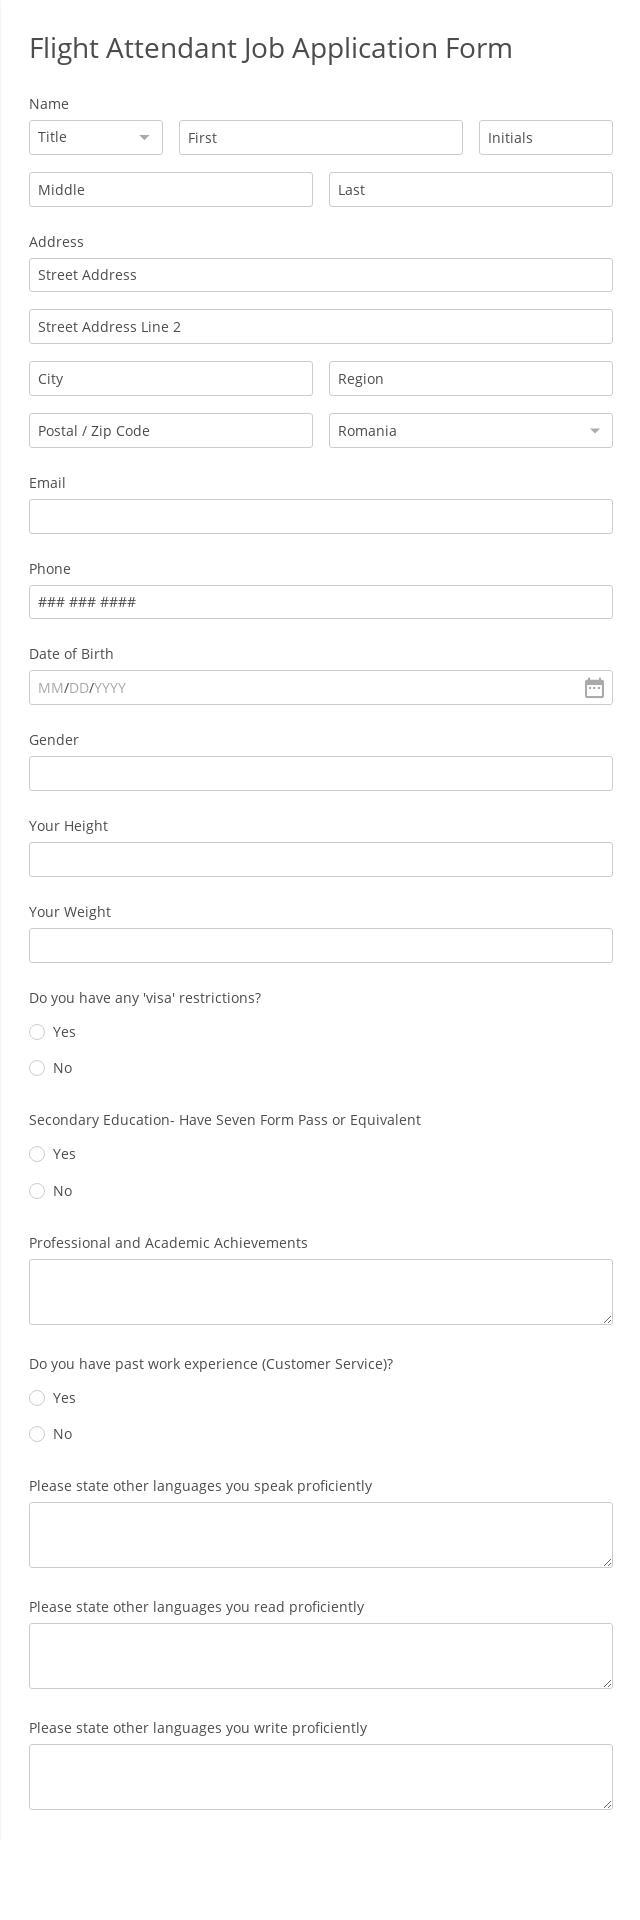 Flight Attendant Job Application Form